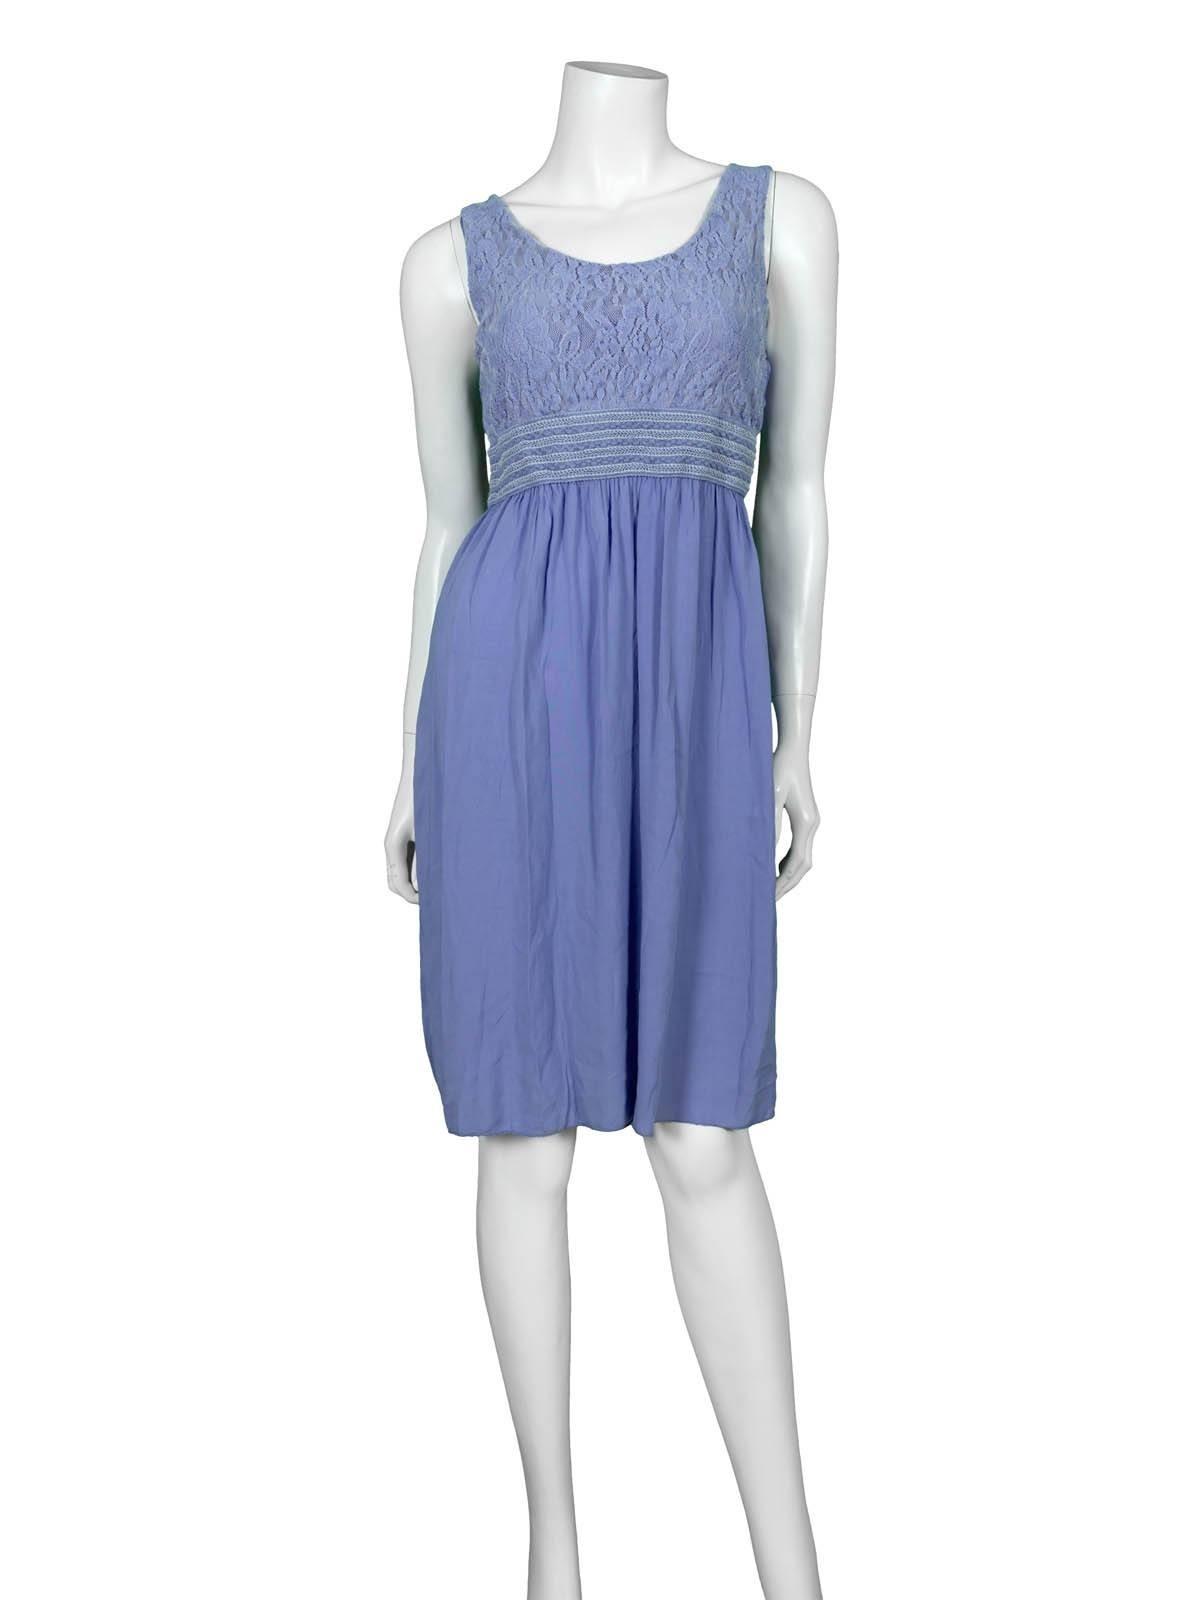 Ausgezeichnet Kleid Spitze Blau BoutiqueDesigner Schön Kleid Spitze Blau Boutique